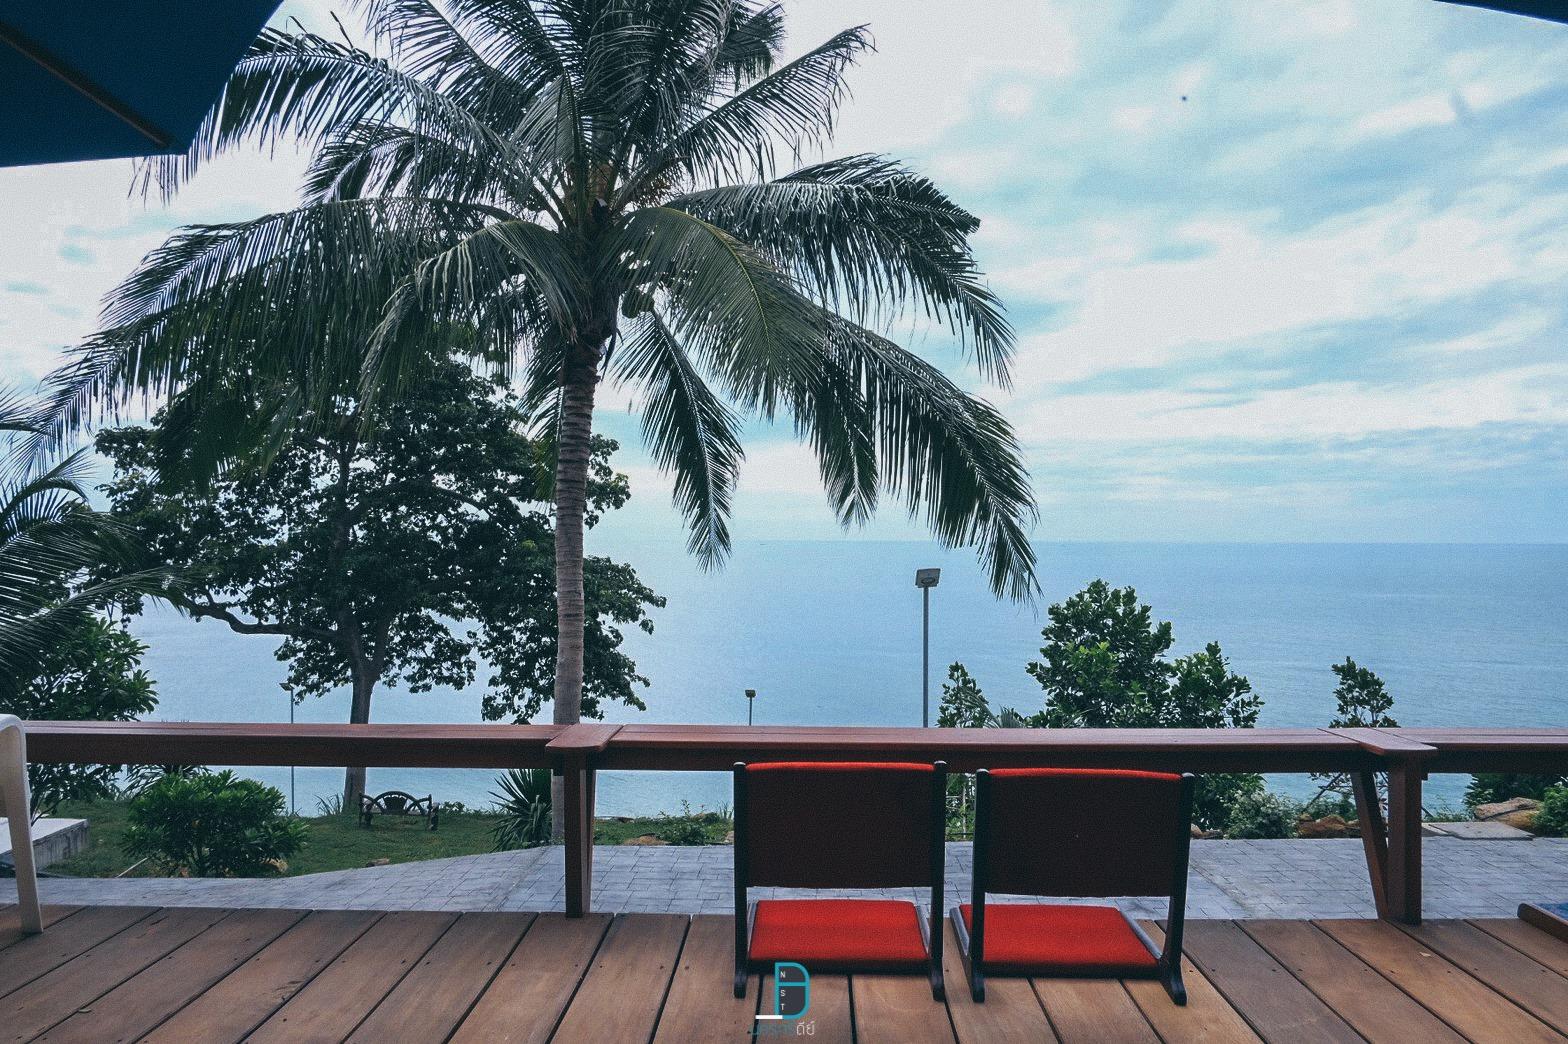 จุด-Seaview-บรรยากาศภายนอกโรงแรม  ที่พัก,สิชล,เขาพลายดำ,นครศรี,วิวทะเล,มินิมอล,ยุโรป,วิวหลักล้าน